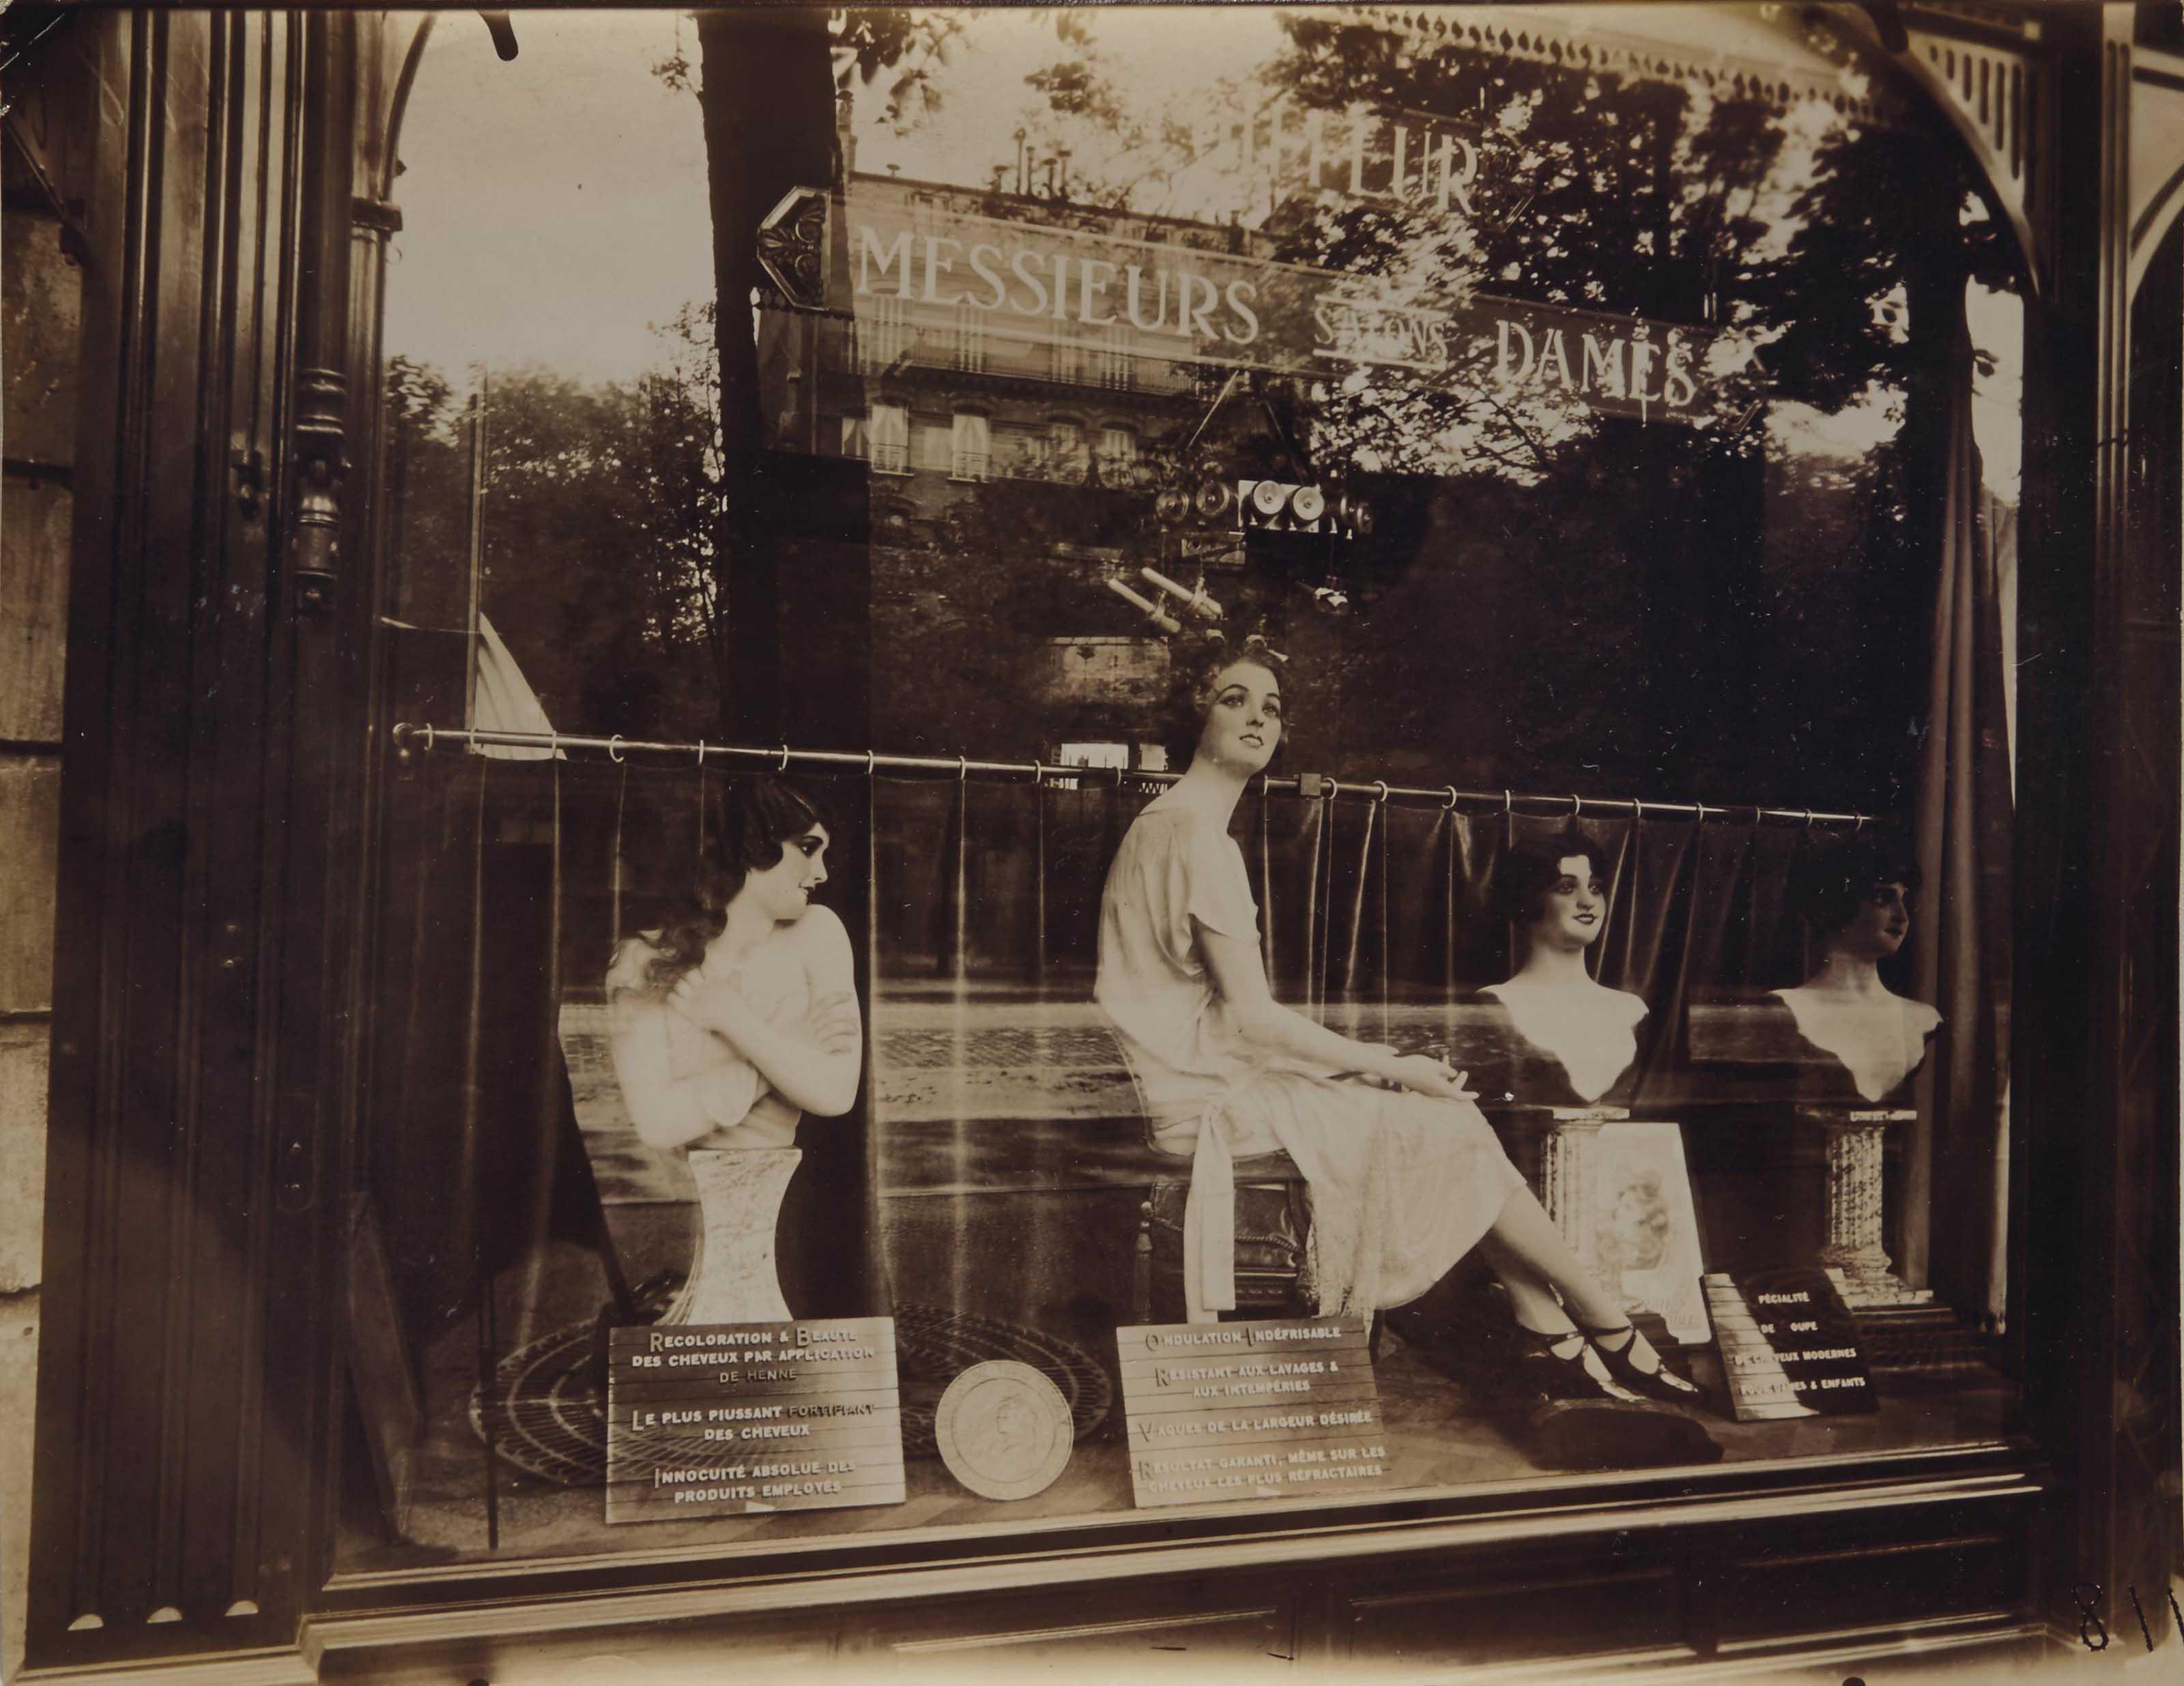 Coiffeur, Avenue de l'Observatoire, Paris, 1926